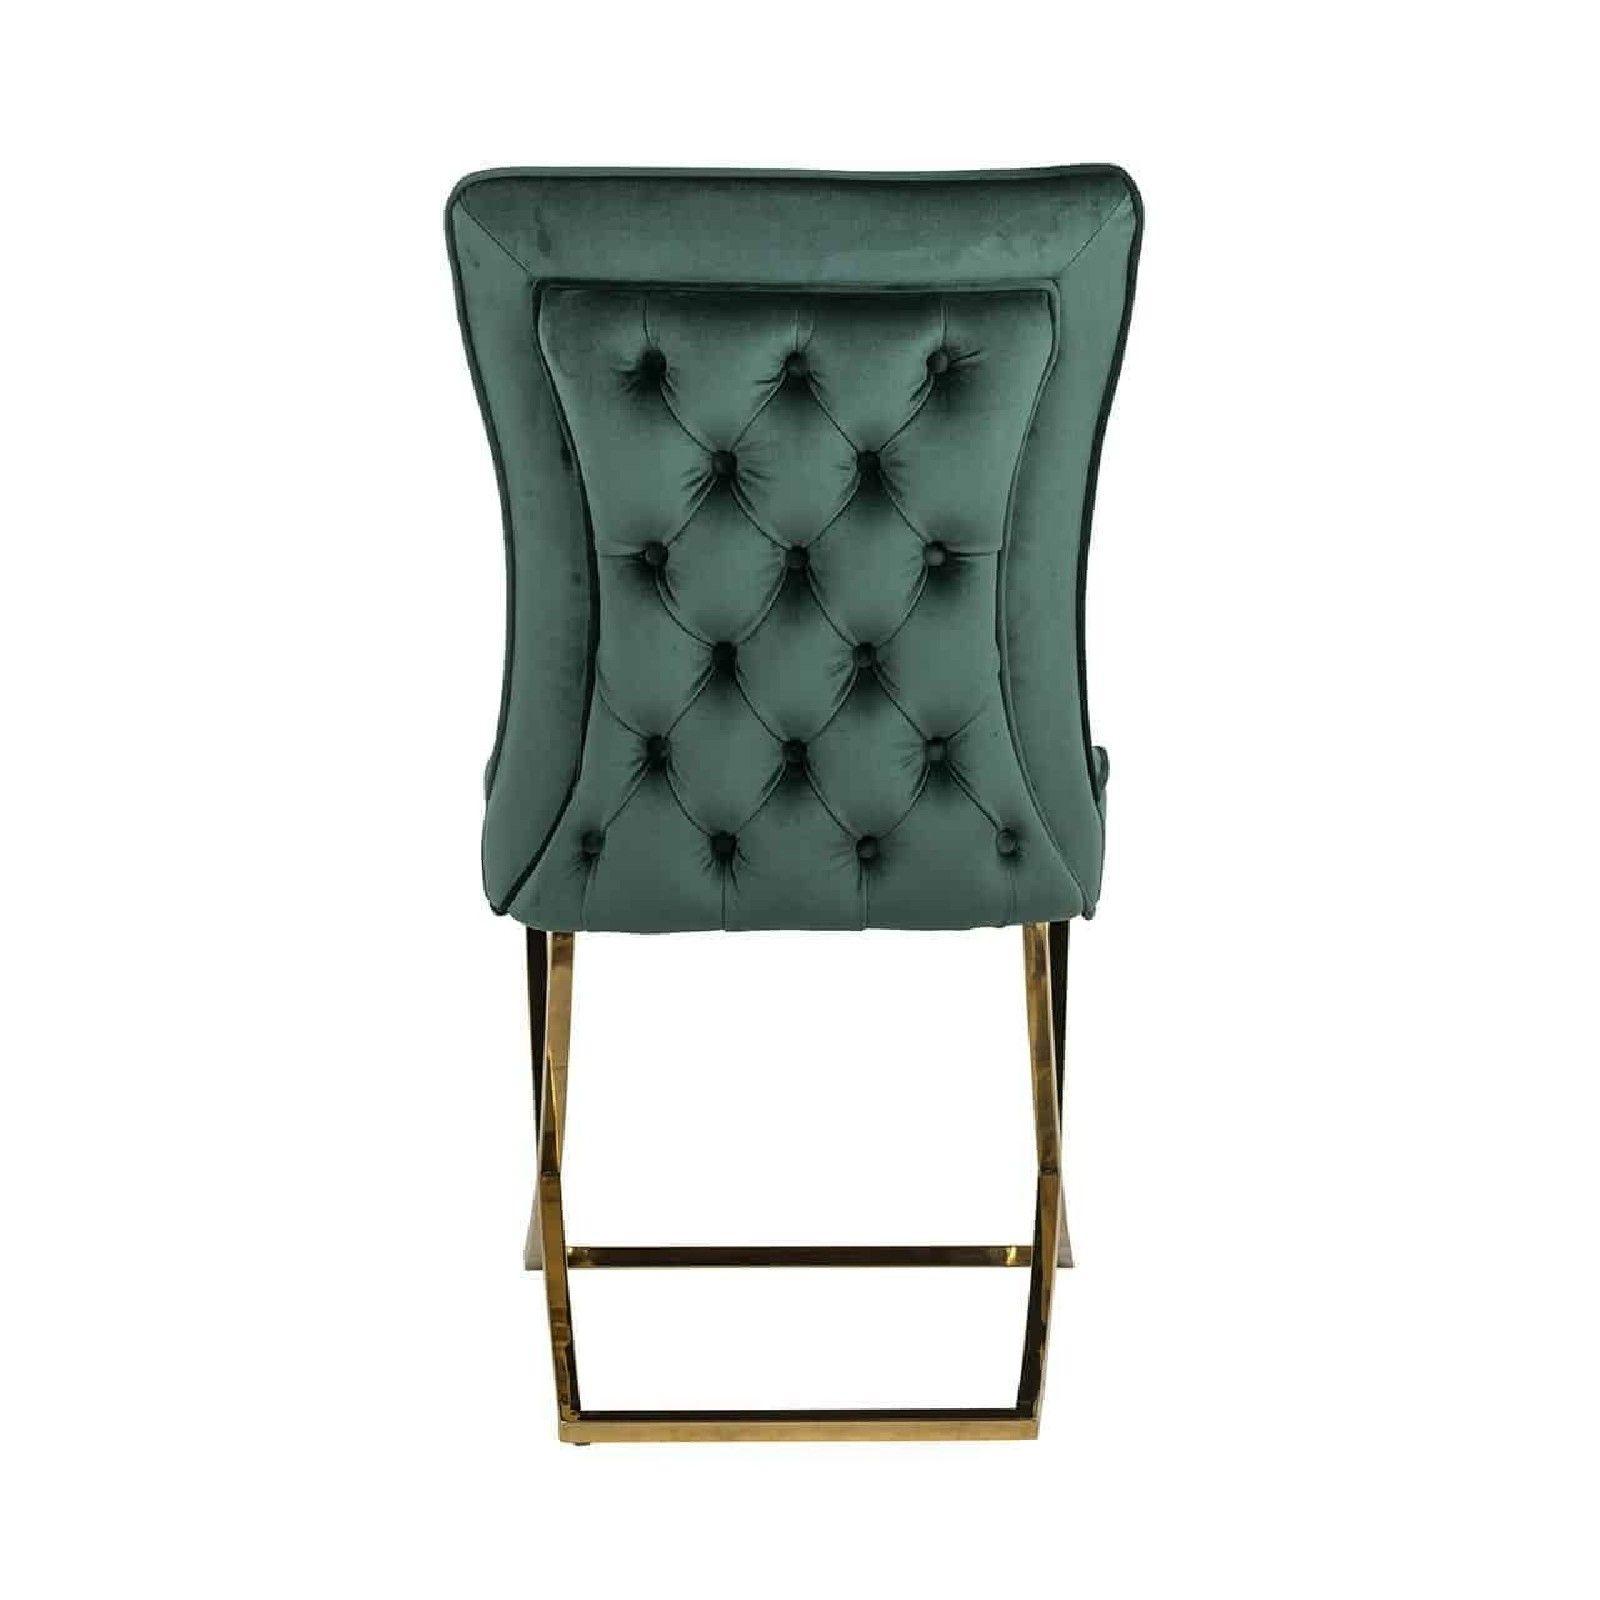 Chaise Chelsea Green velvet / gold Salle à manger - 130